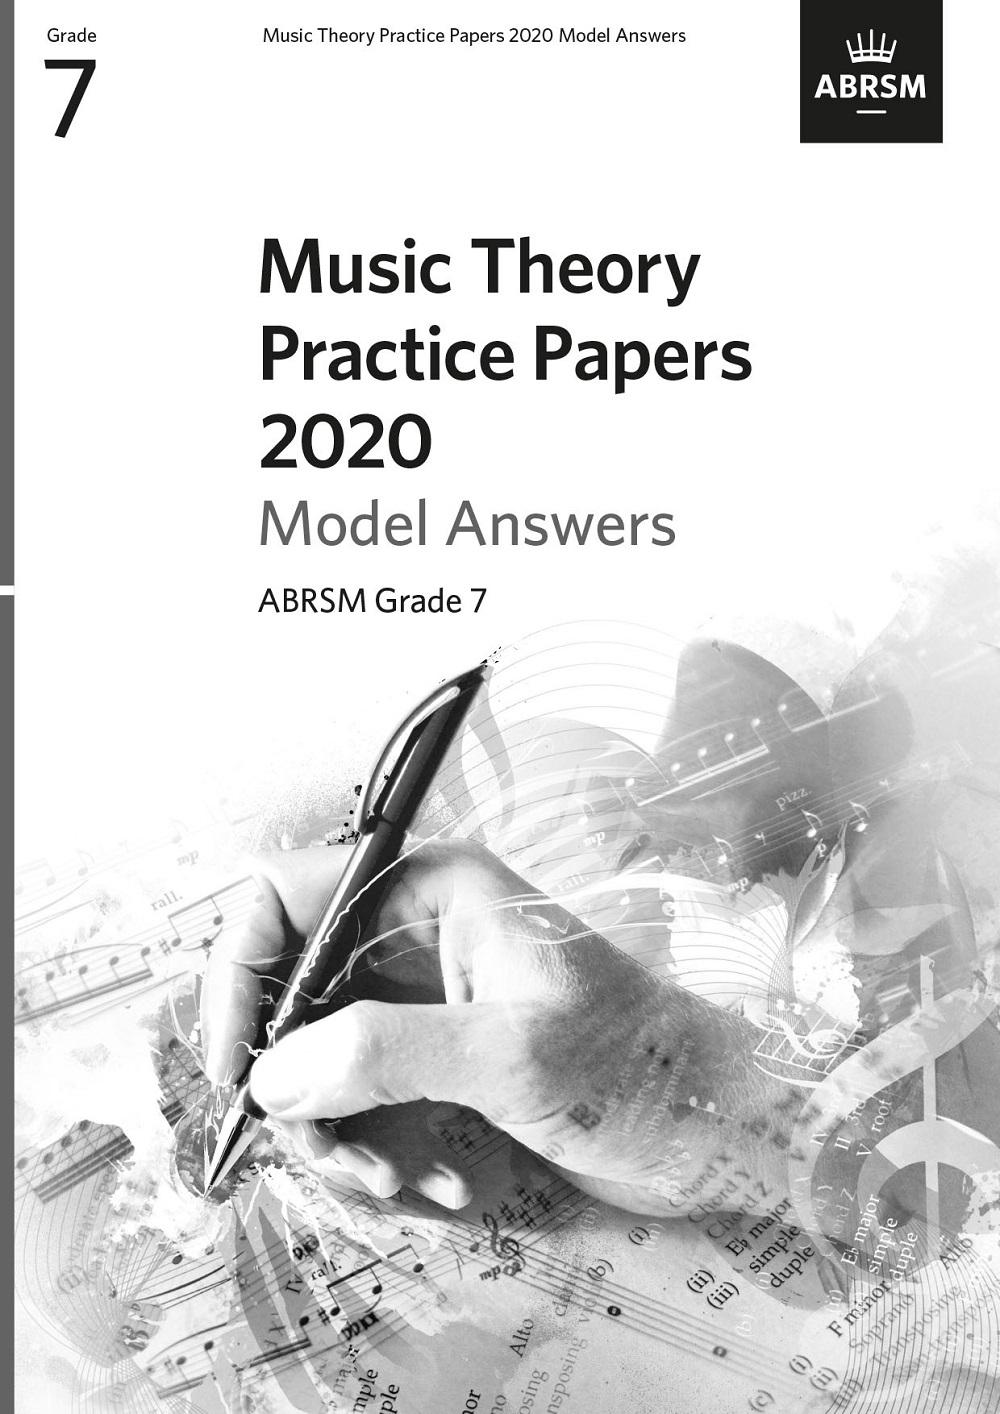 Music Theory Model Answers 2020 Grade 7: Theory